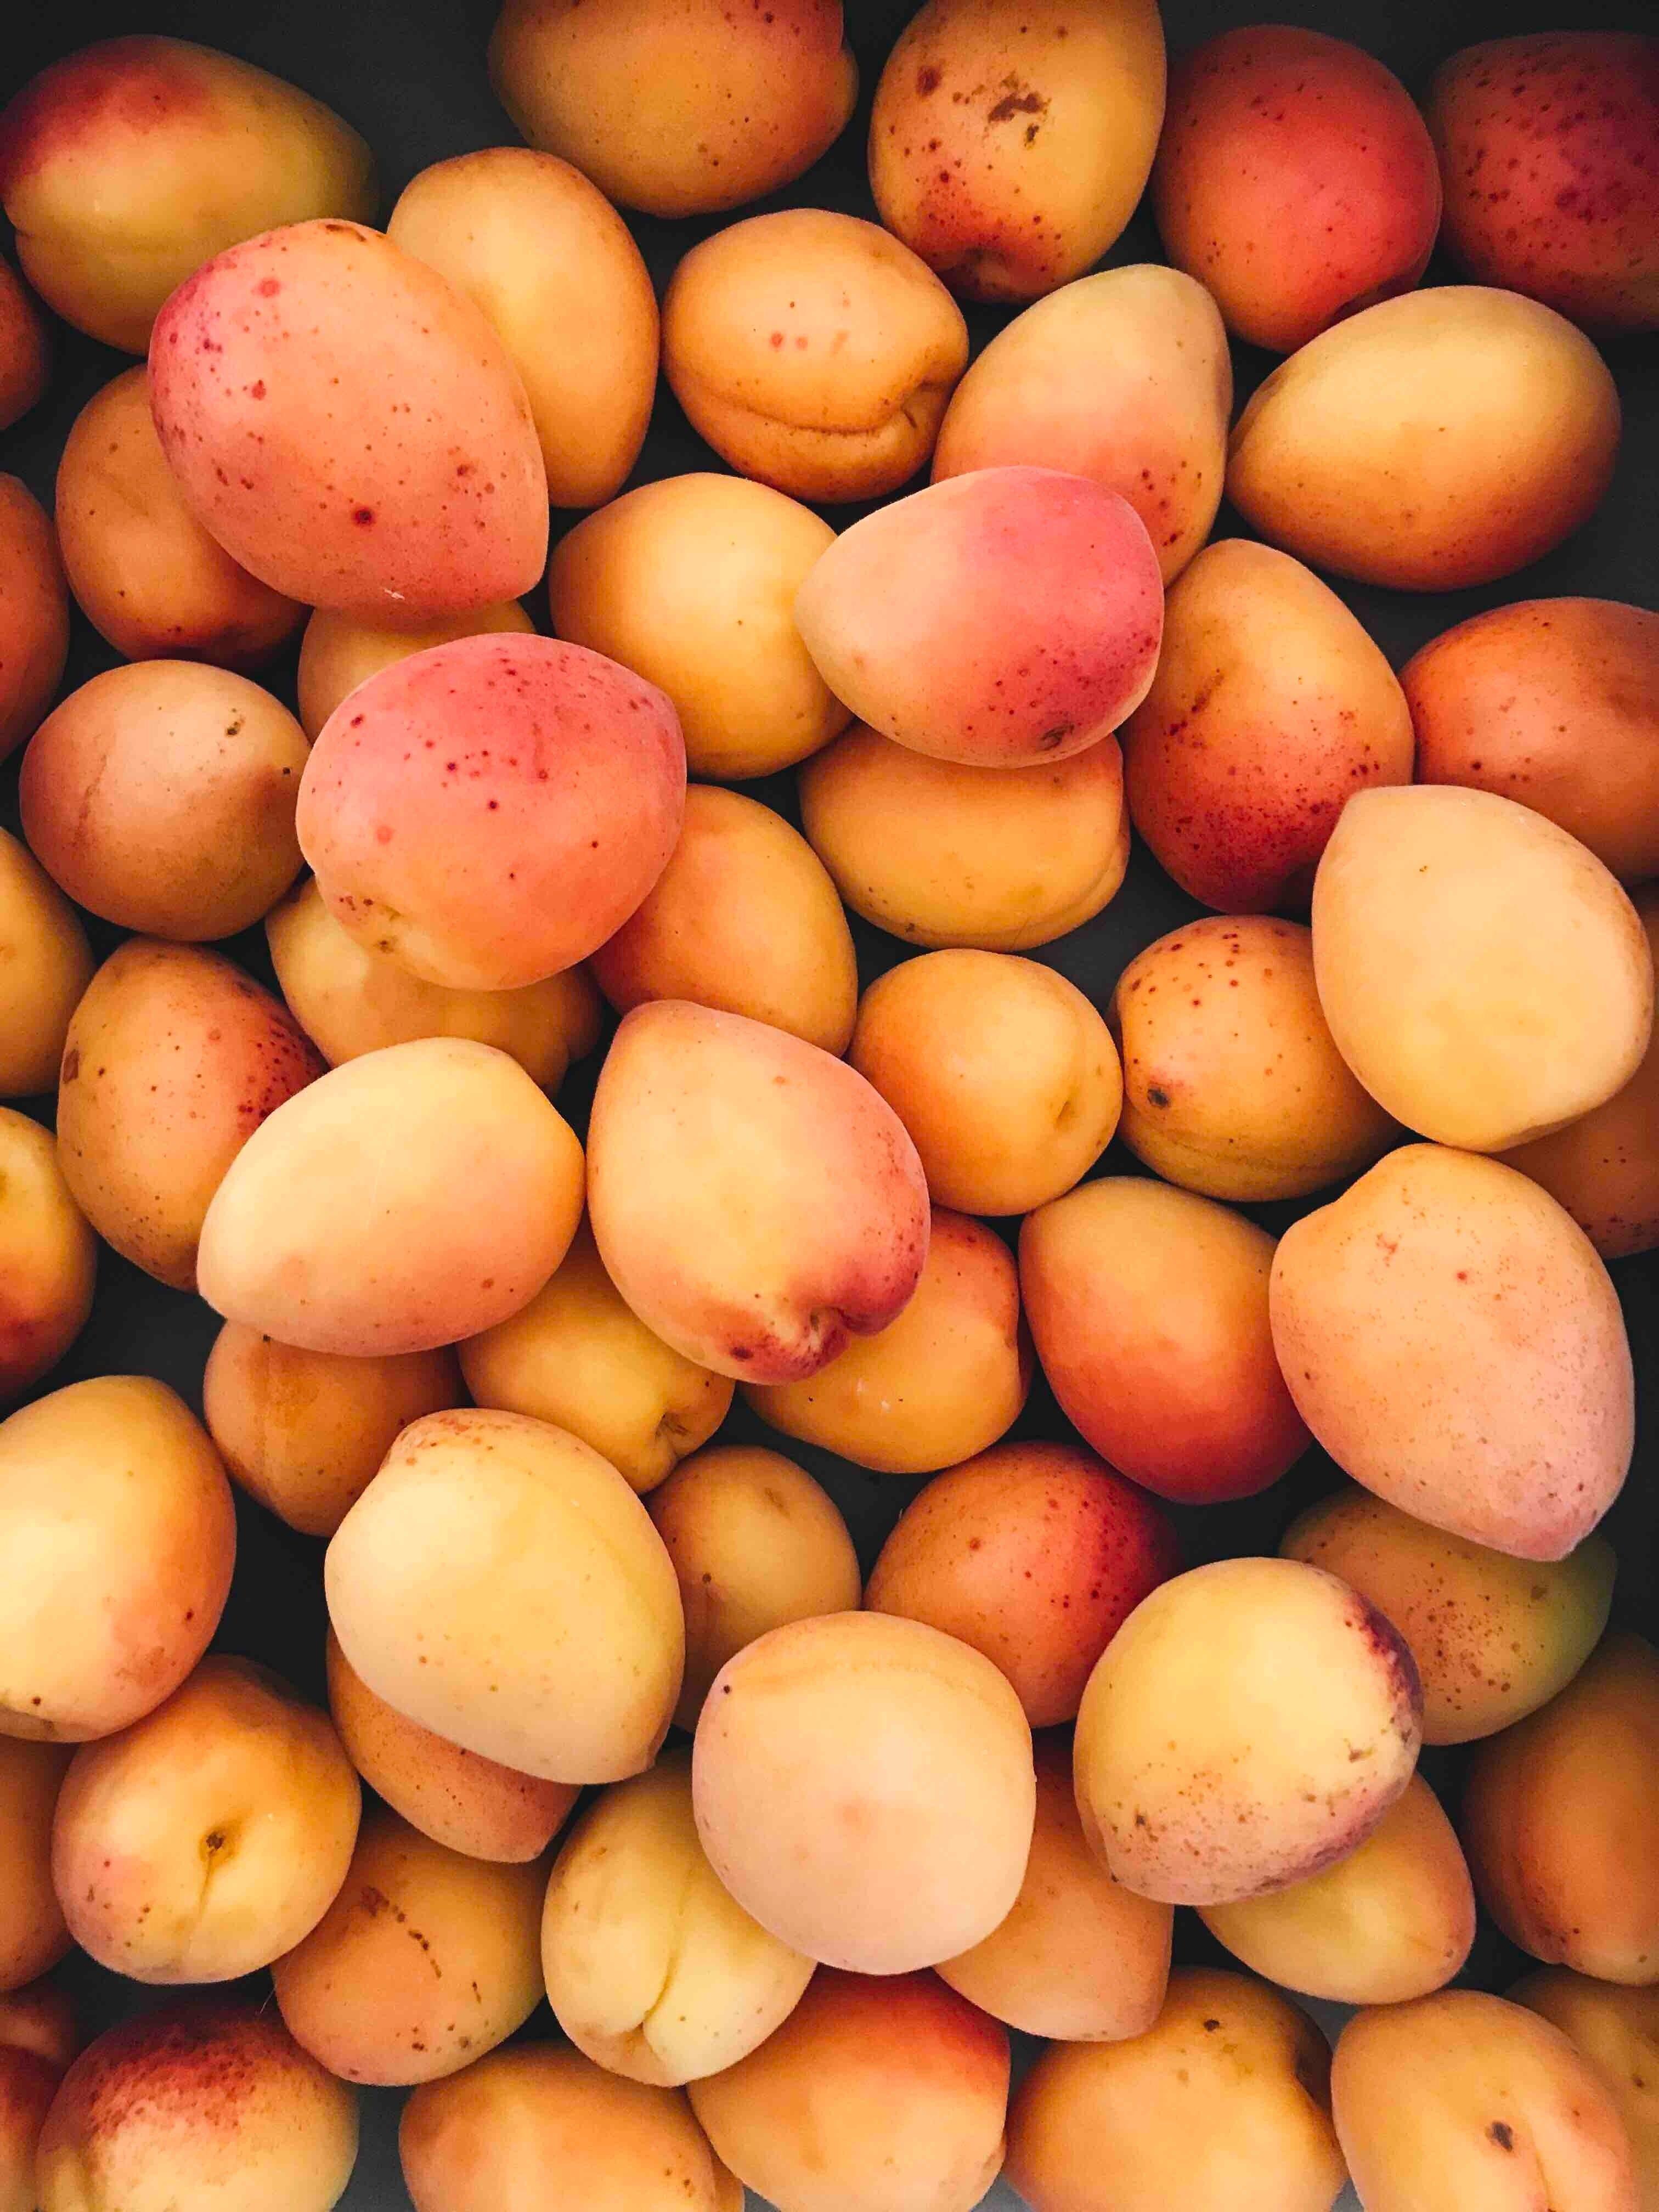 brigitte tohm 329287 unsplash.jpg?resize=366,290 - Une nouvelle norme, trop coûteuse pour être appliquée par les paysans, va empêcher la vente directe d'abricots